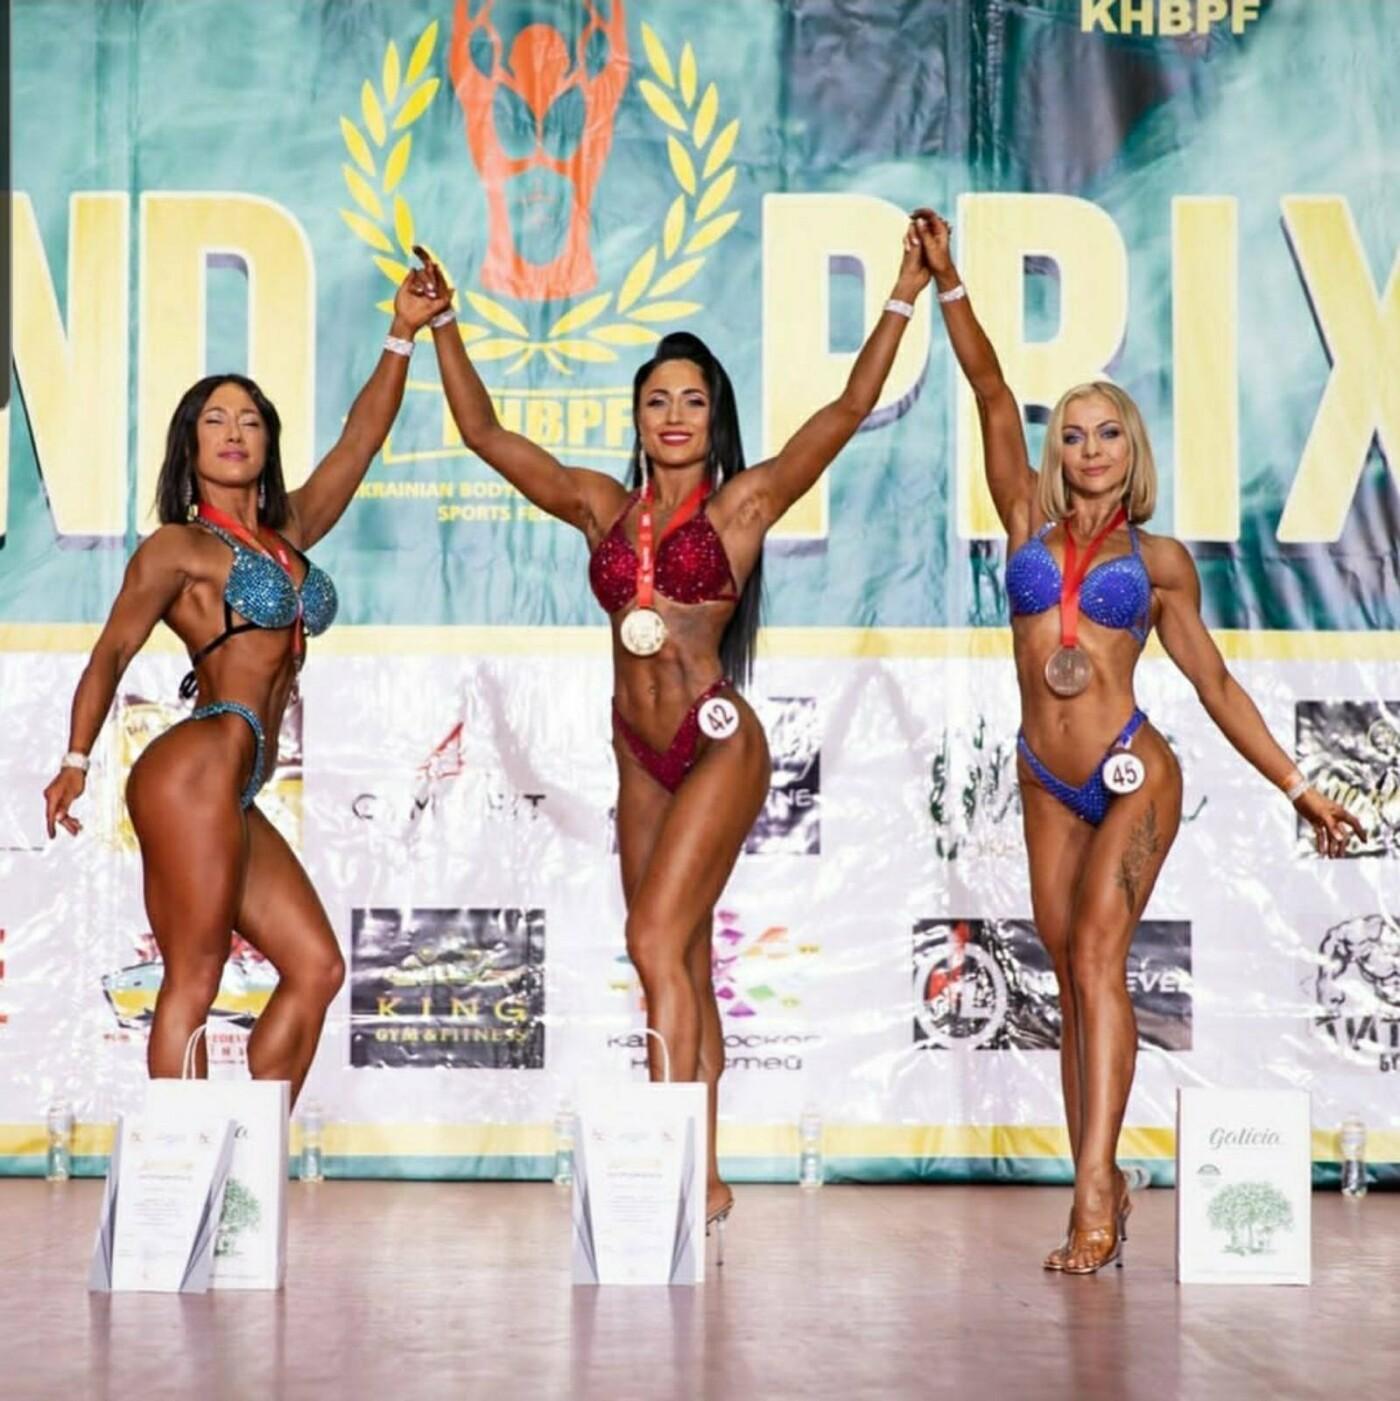 Лозівчанка здобула перемогу на змаганнях з бодибілдингу, фітнесу та атлетизму, фото-3